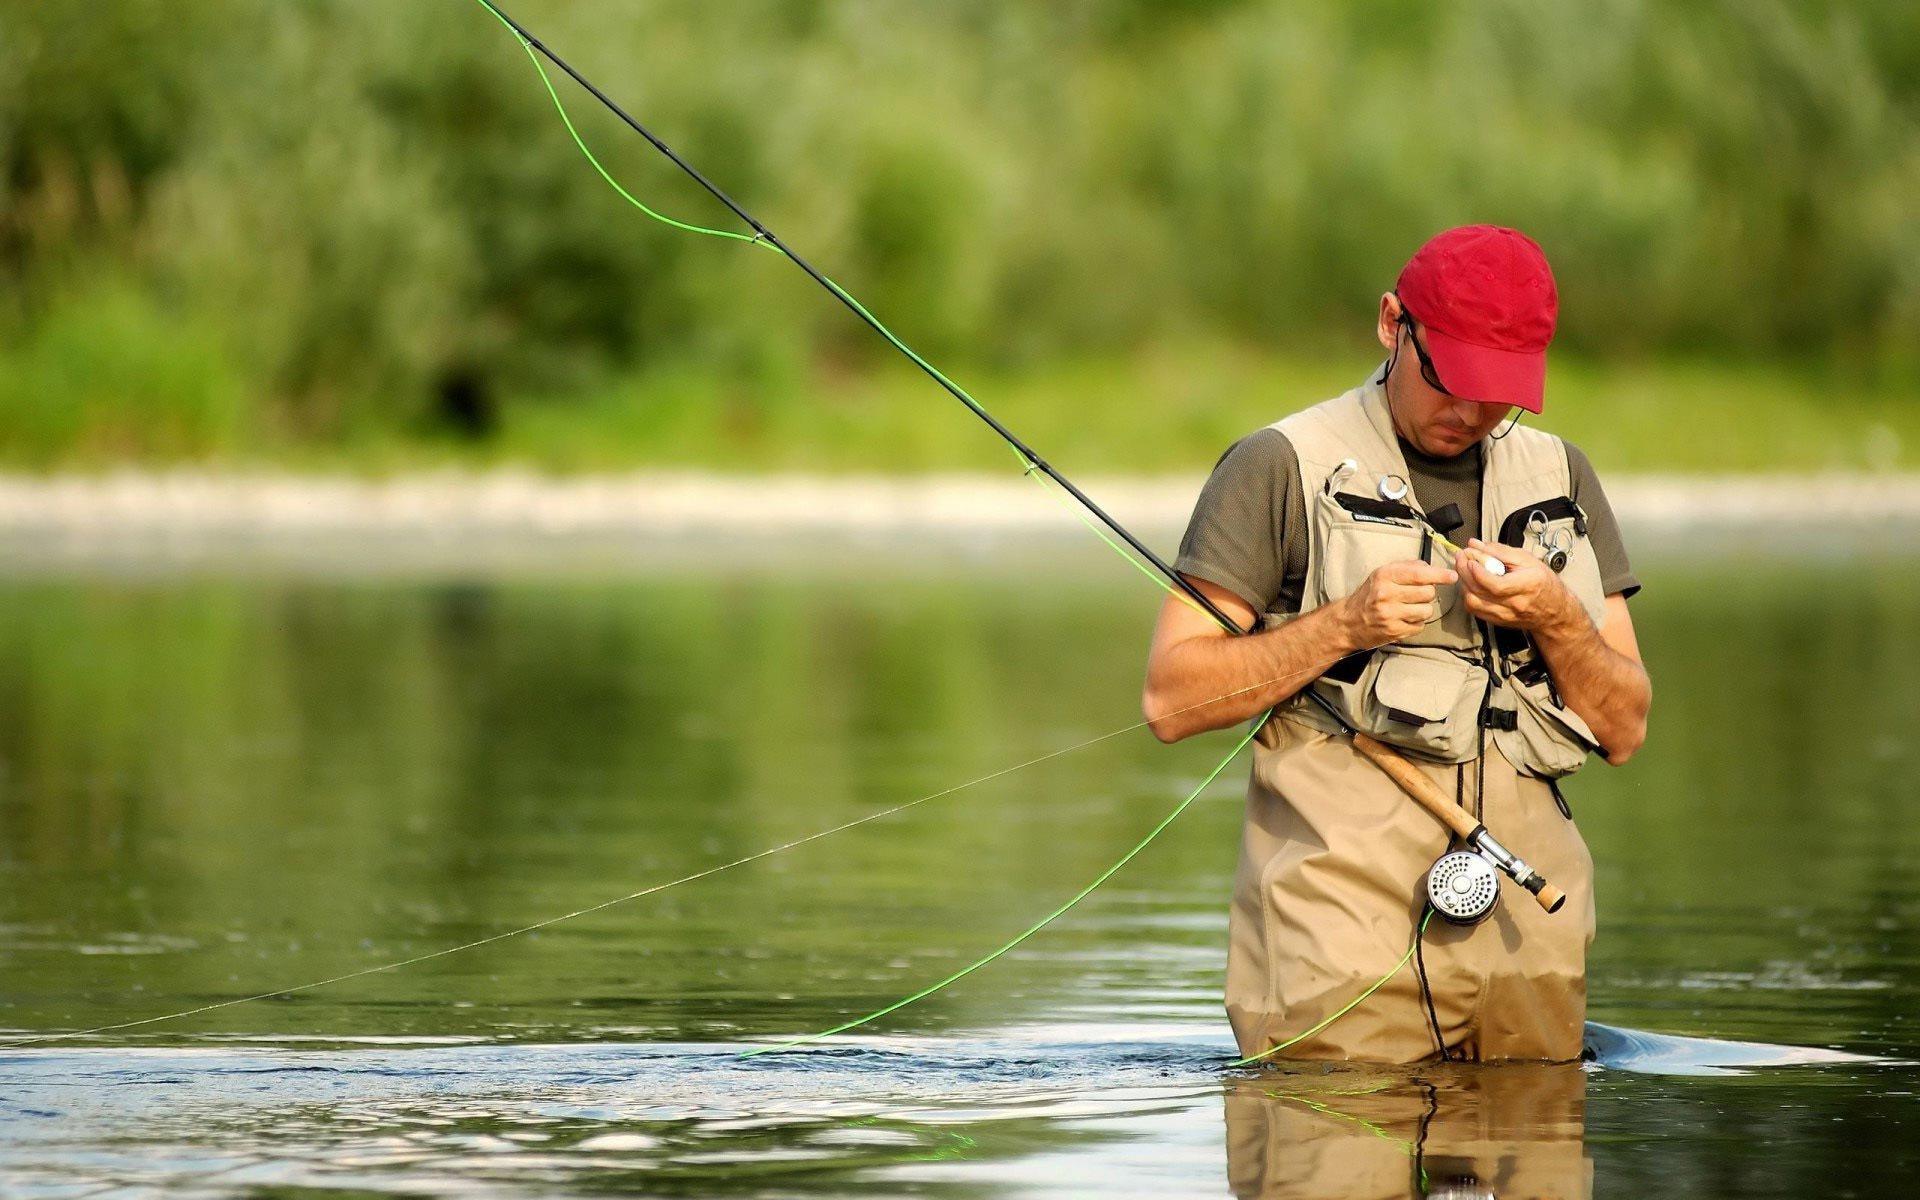 С какого числа и когда можно ловить рыбу с лодки весной 2019 года